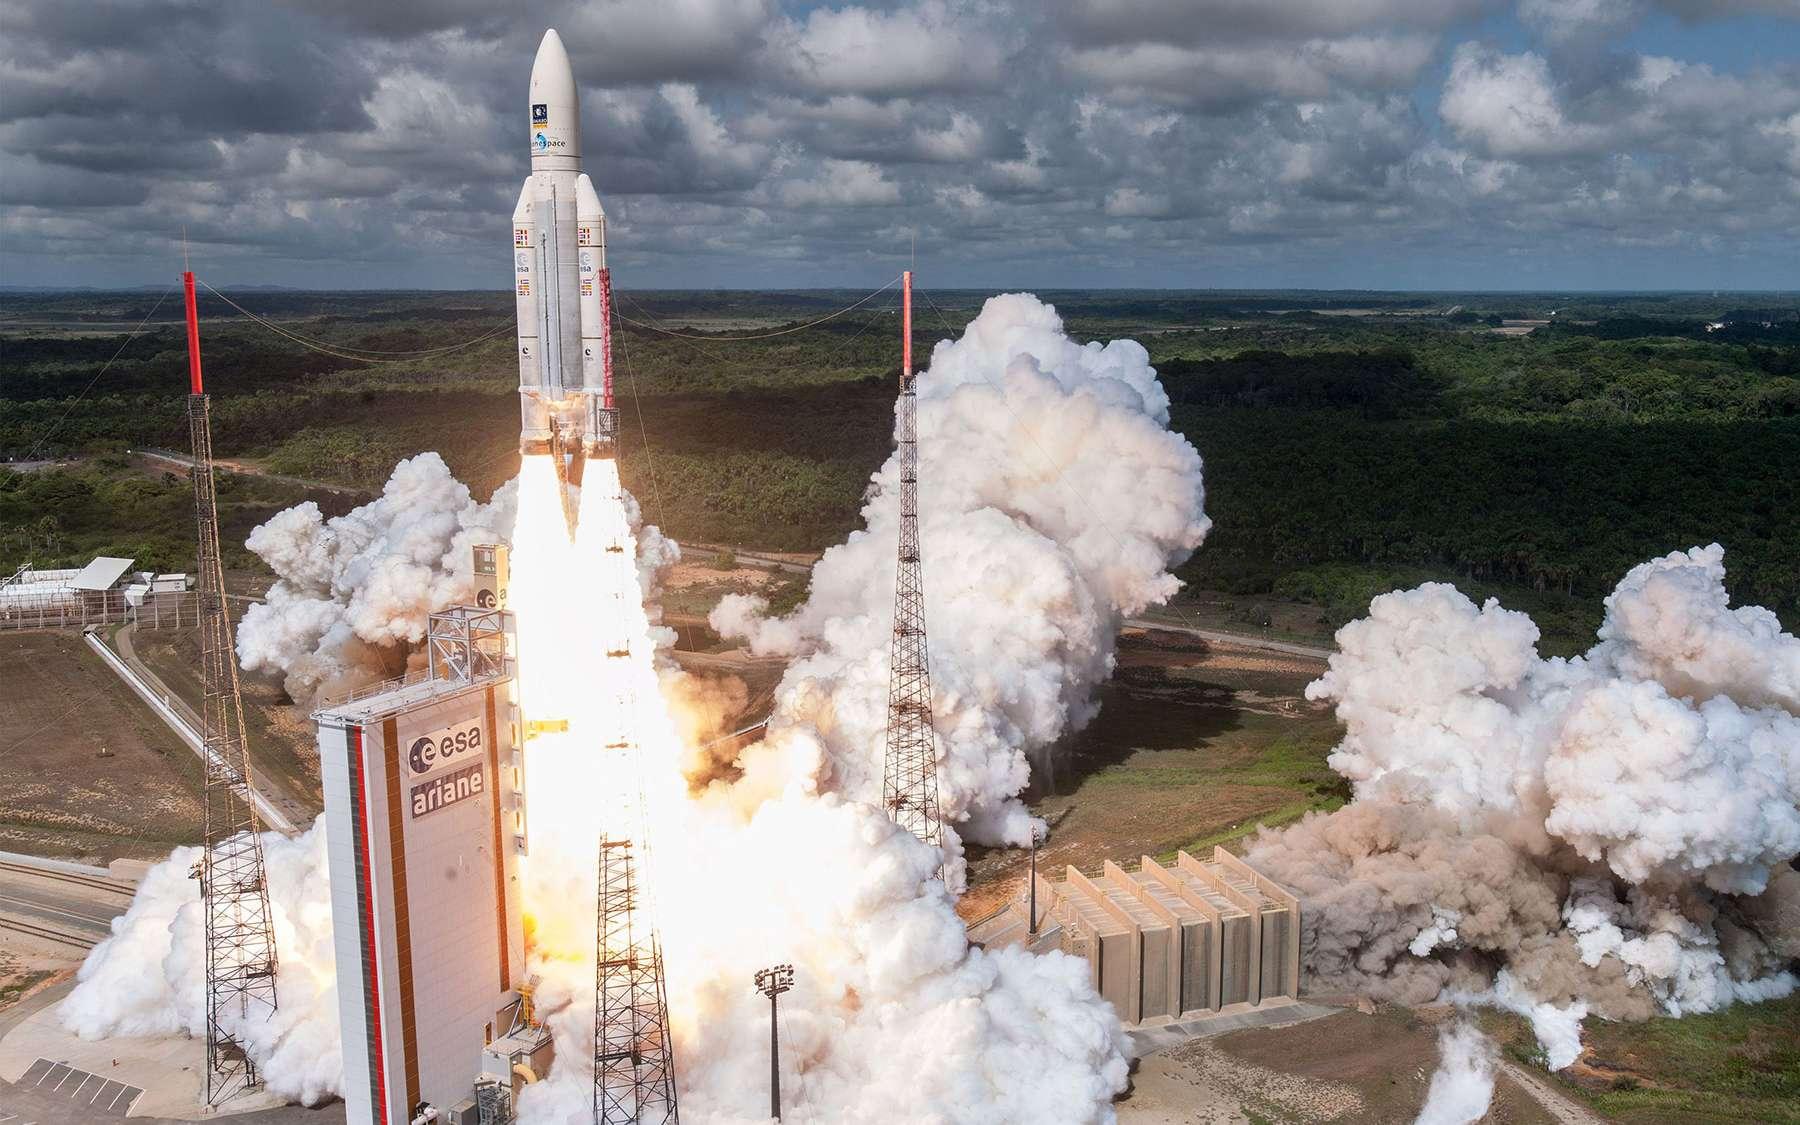 La fusée Ariane 5 et le lancement de quatre satellites de géolocalisation Galileo. © Arianespace